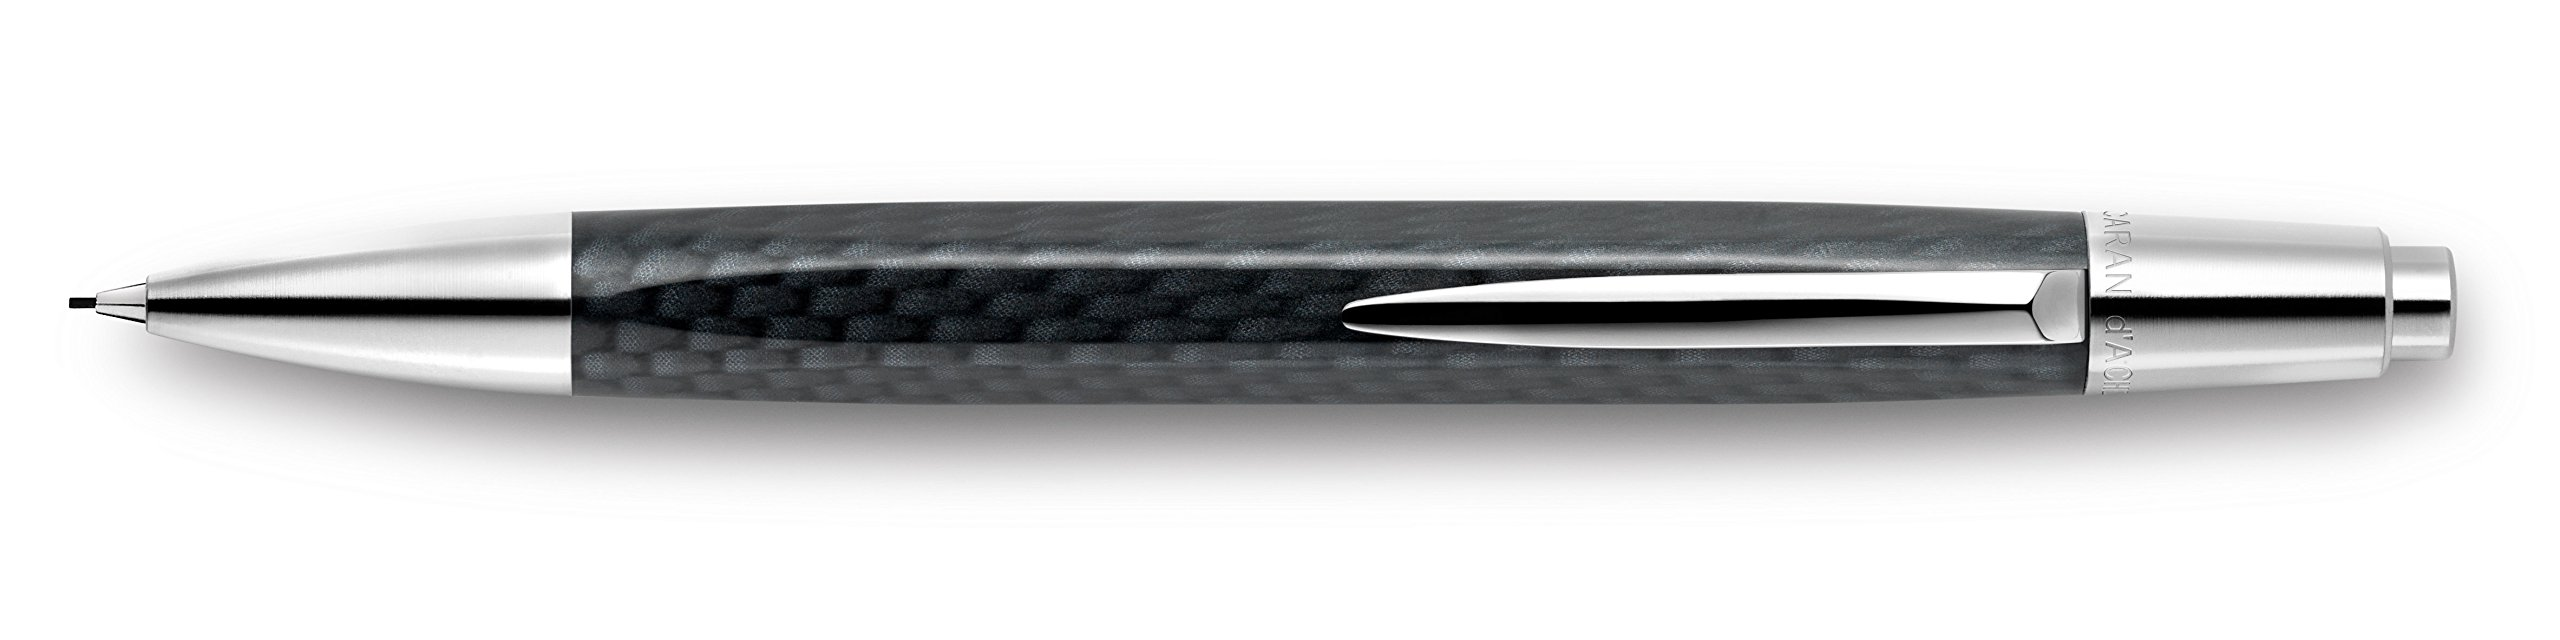 Caran D'ache Alchemix Mechanical Pencil - Carbon (4860.496)